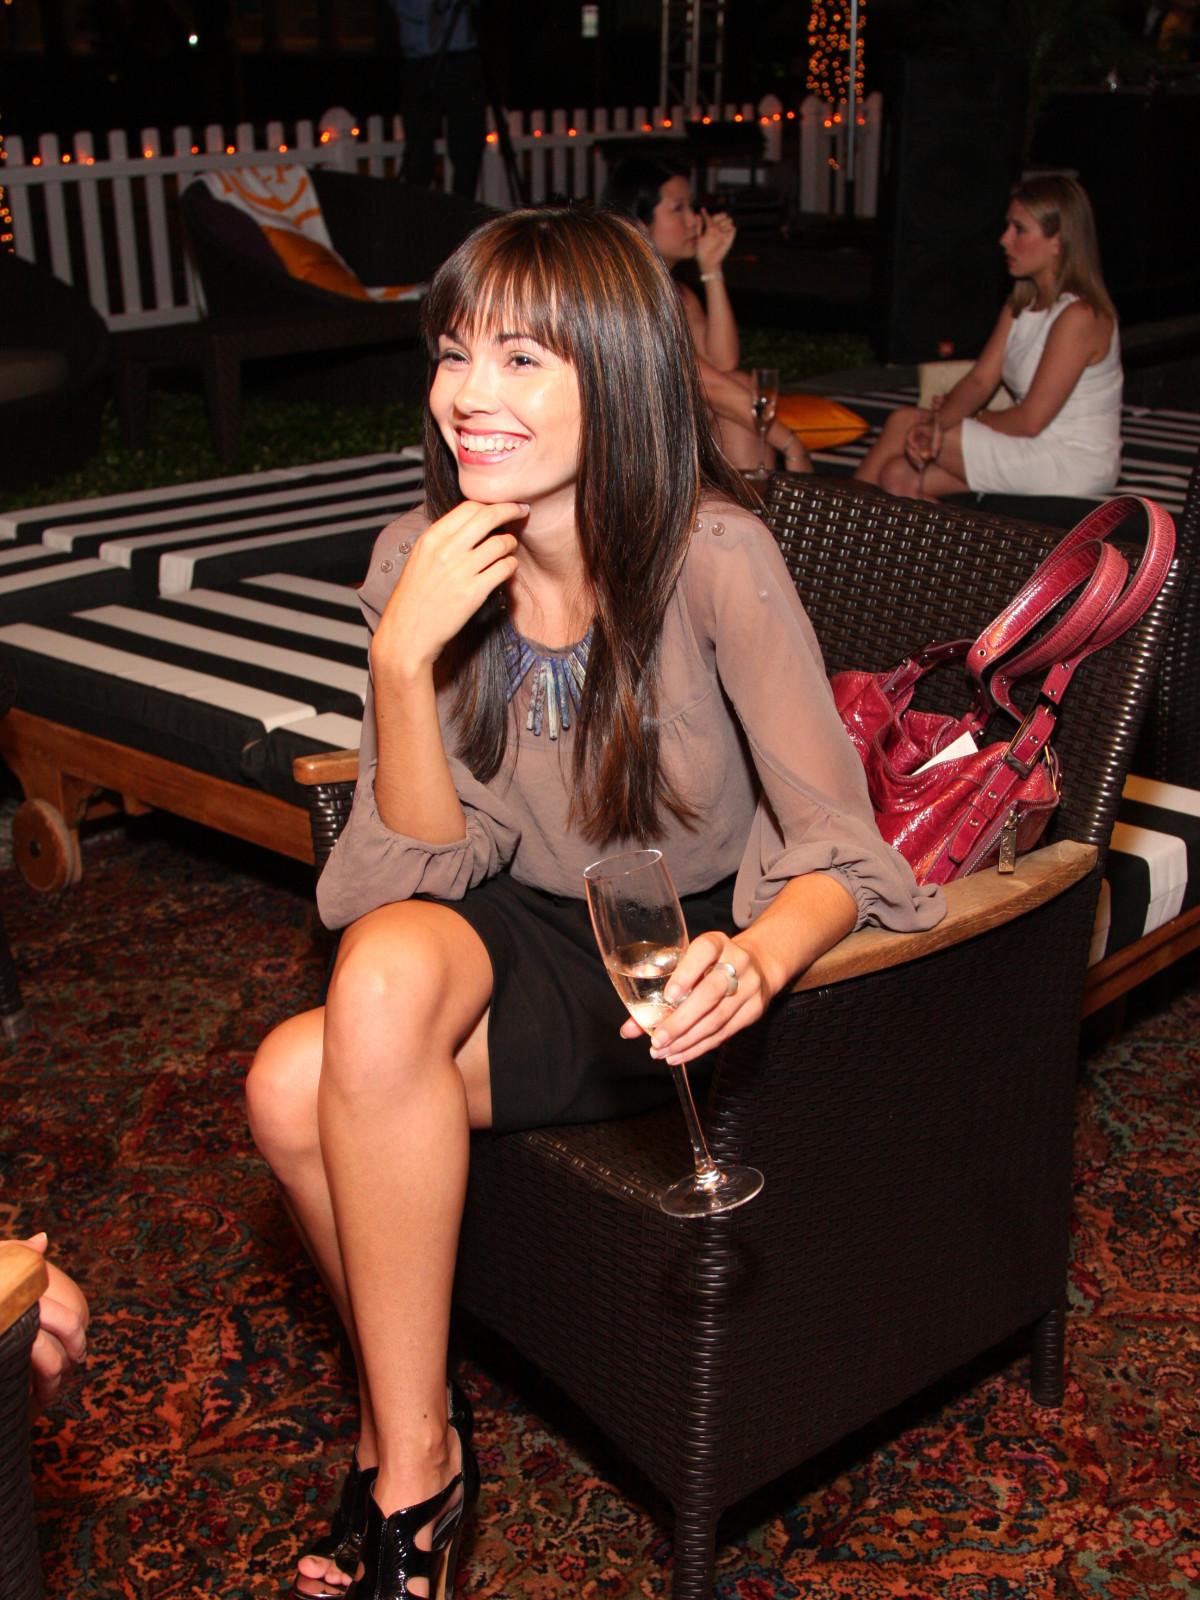 News_ZaZa_St. Tropez_Michele Leal